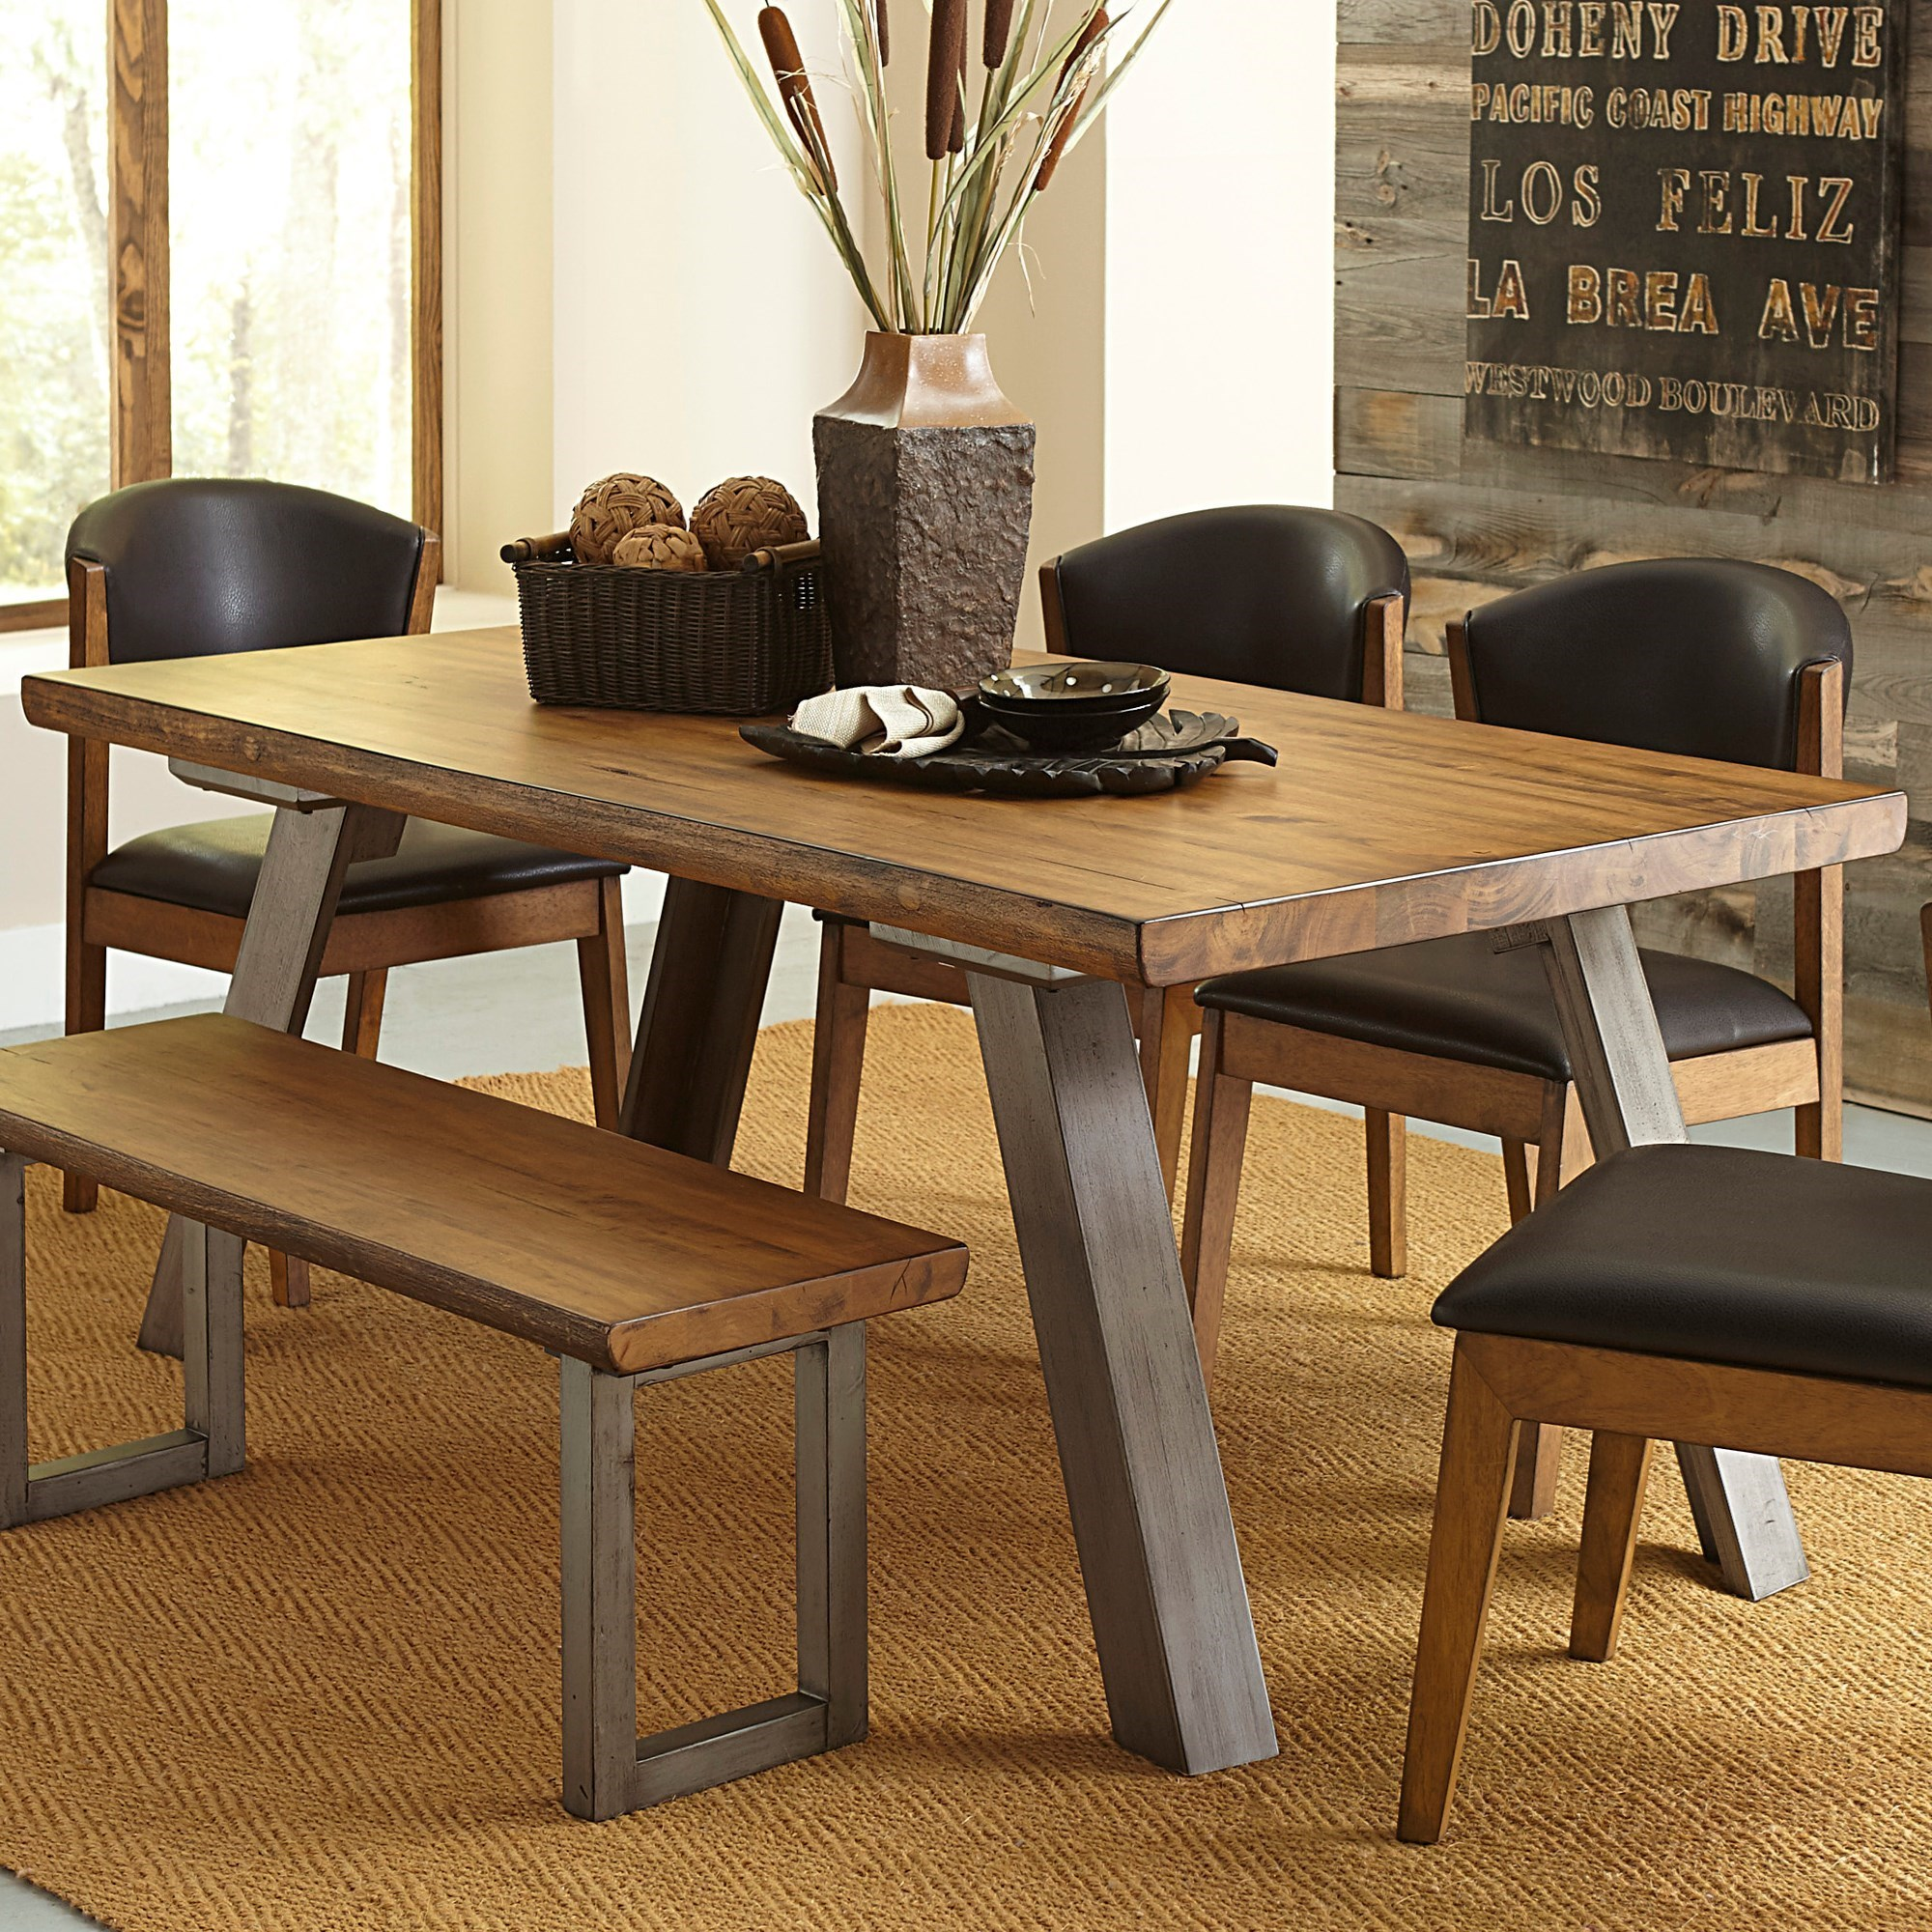 Homelegance 5478 Dining Table - Item Number: 5478-72